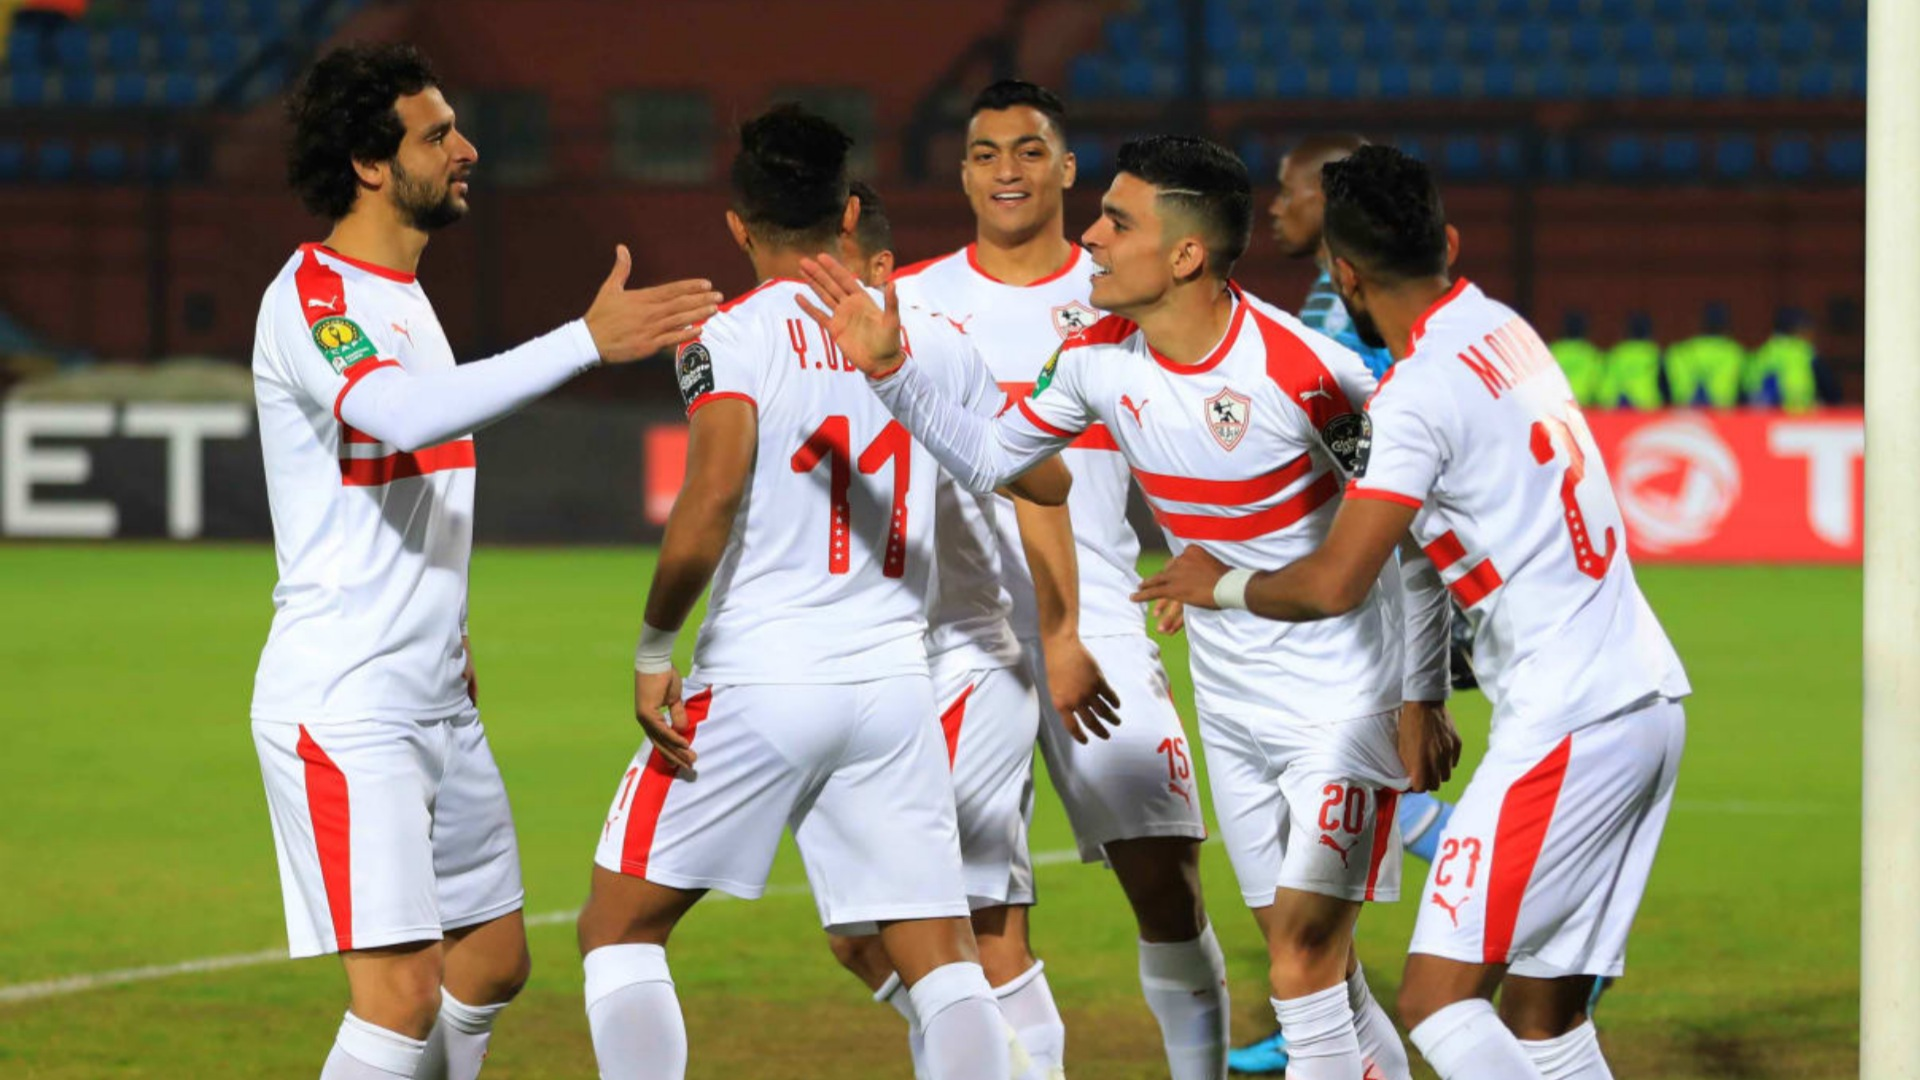 مباراة الزمالك ومصر المقاصة فرصة الزمالك لصدارة ترتيب الدوري المصري